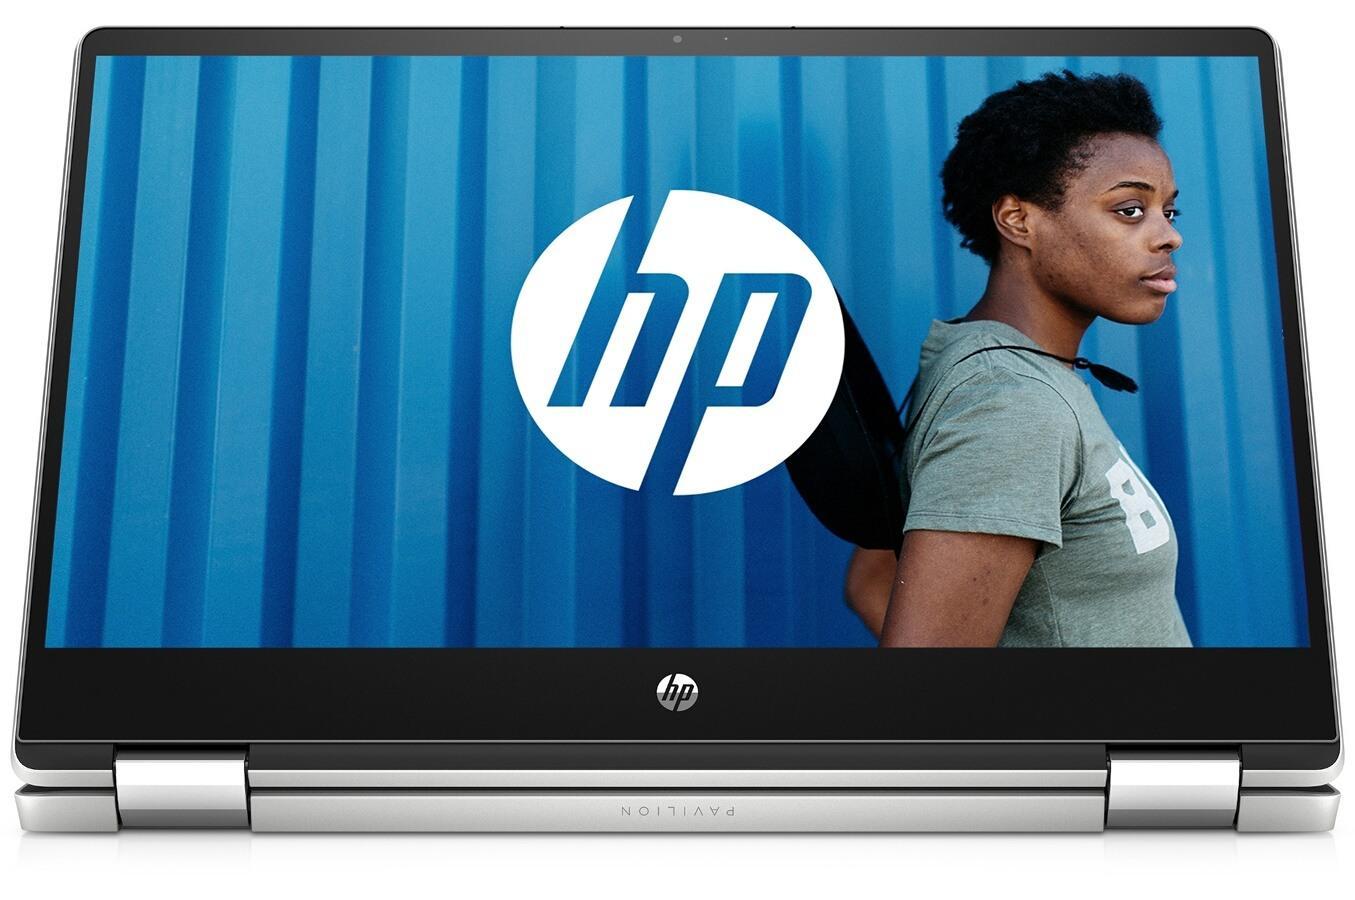 Ordinateur portable HP Pavilion x360 14-dh0049nf Argent - Tactile - photo 5